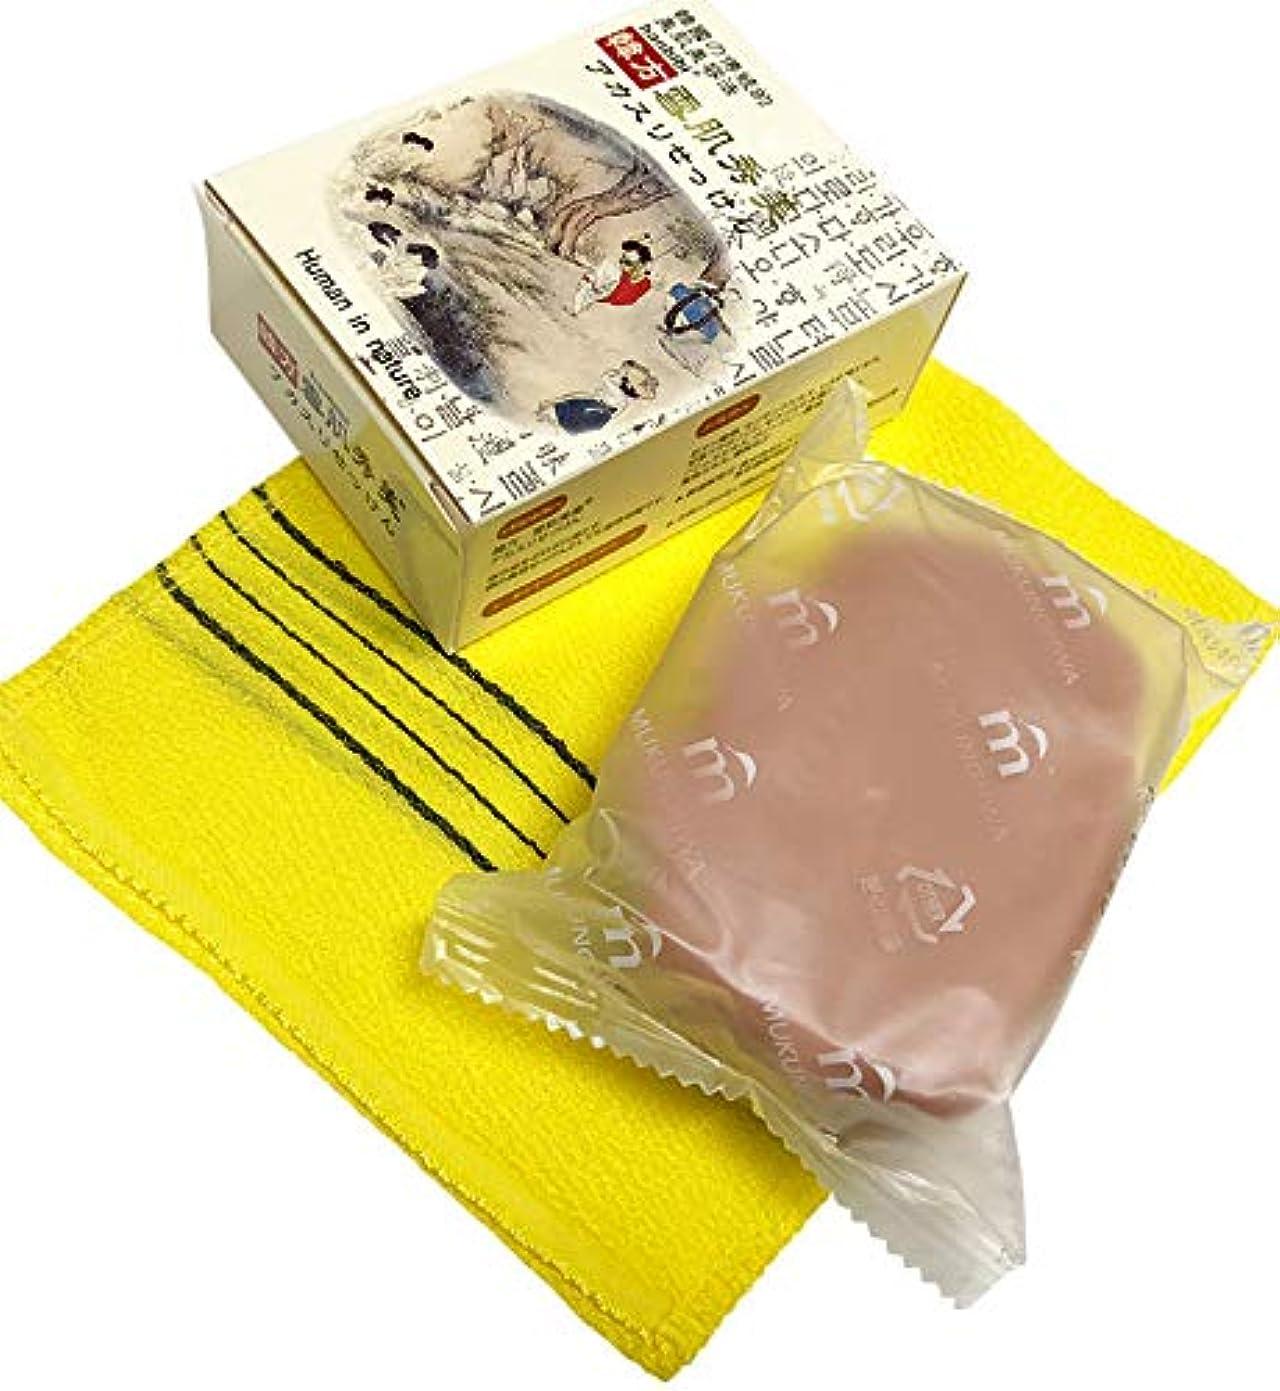 雑品イノセンス剃る顔、体兼用、蜂蜜香りの韓方石ケン、韓国コスメ 韓方[雪肌美]蜂蜜アカスリせっけん アカスリ専用タオル付き